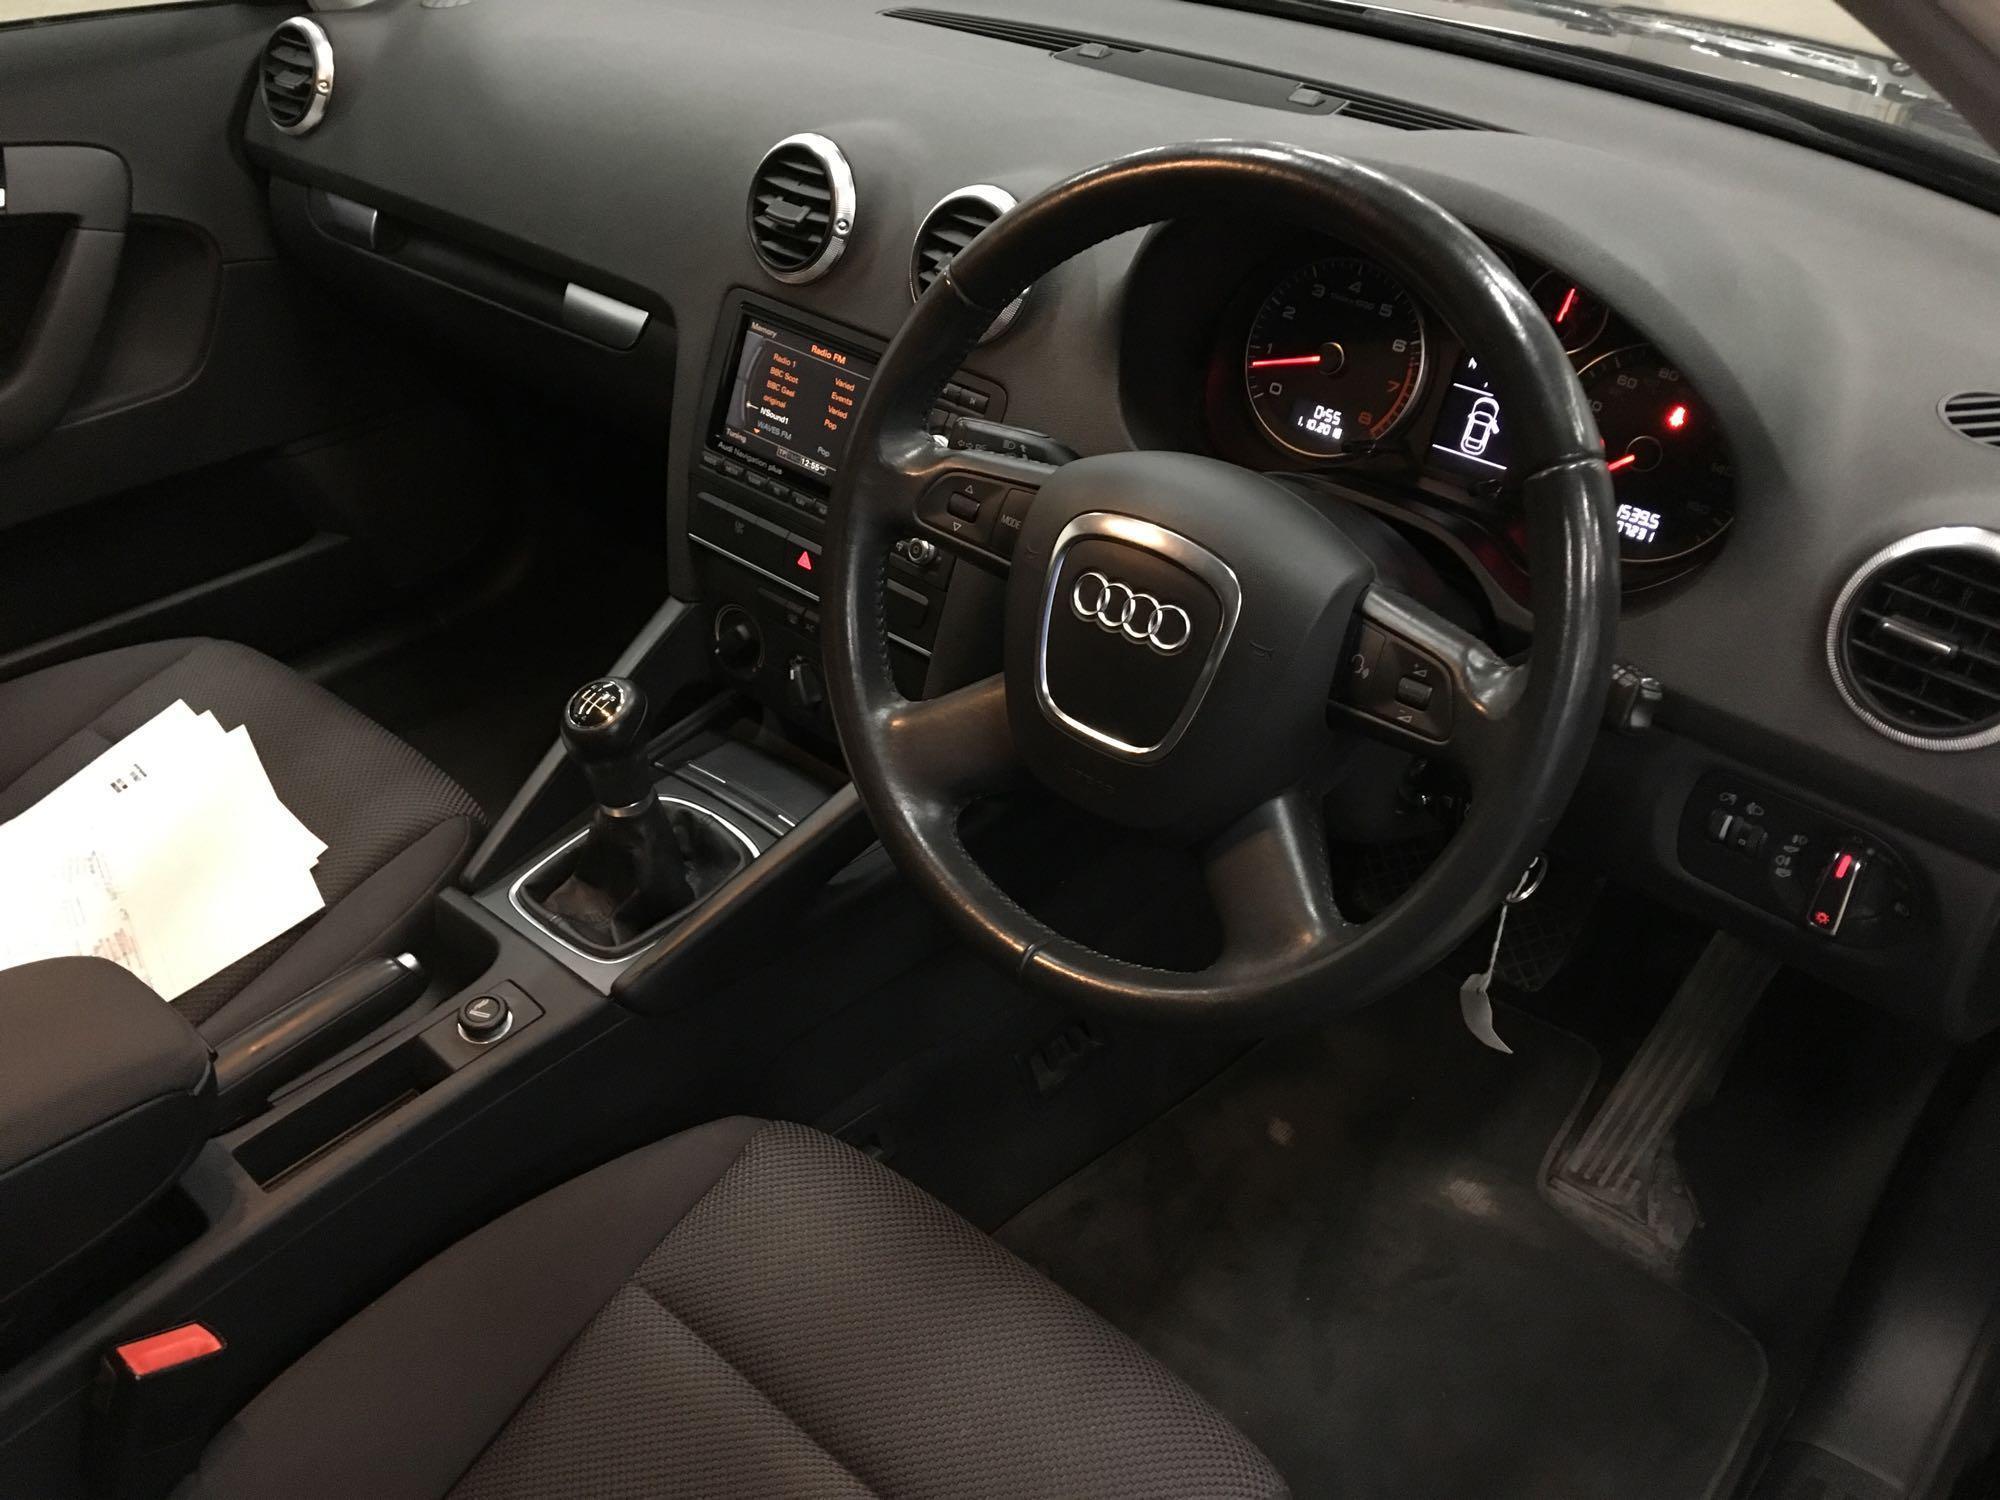 Lot 117 - Audi A3 Se 101 Mpi - 1595cc 5 Door